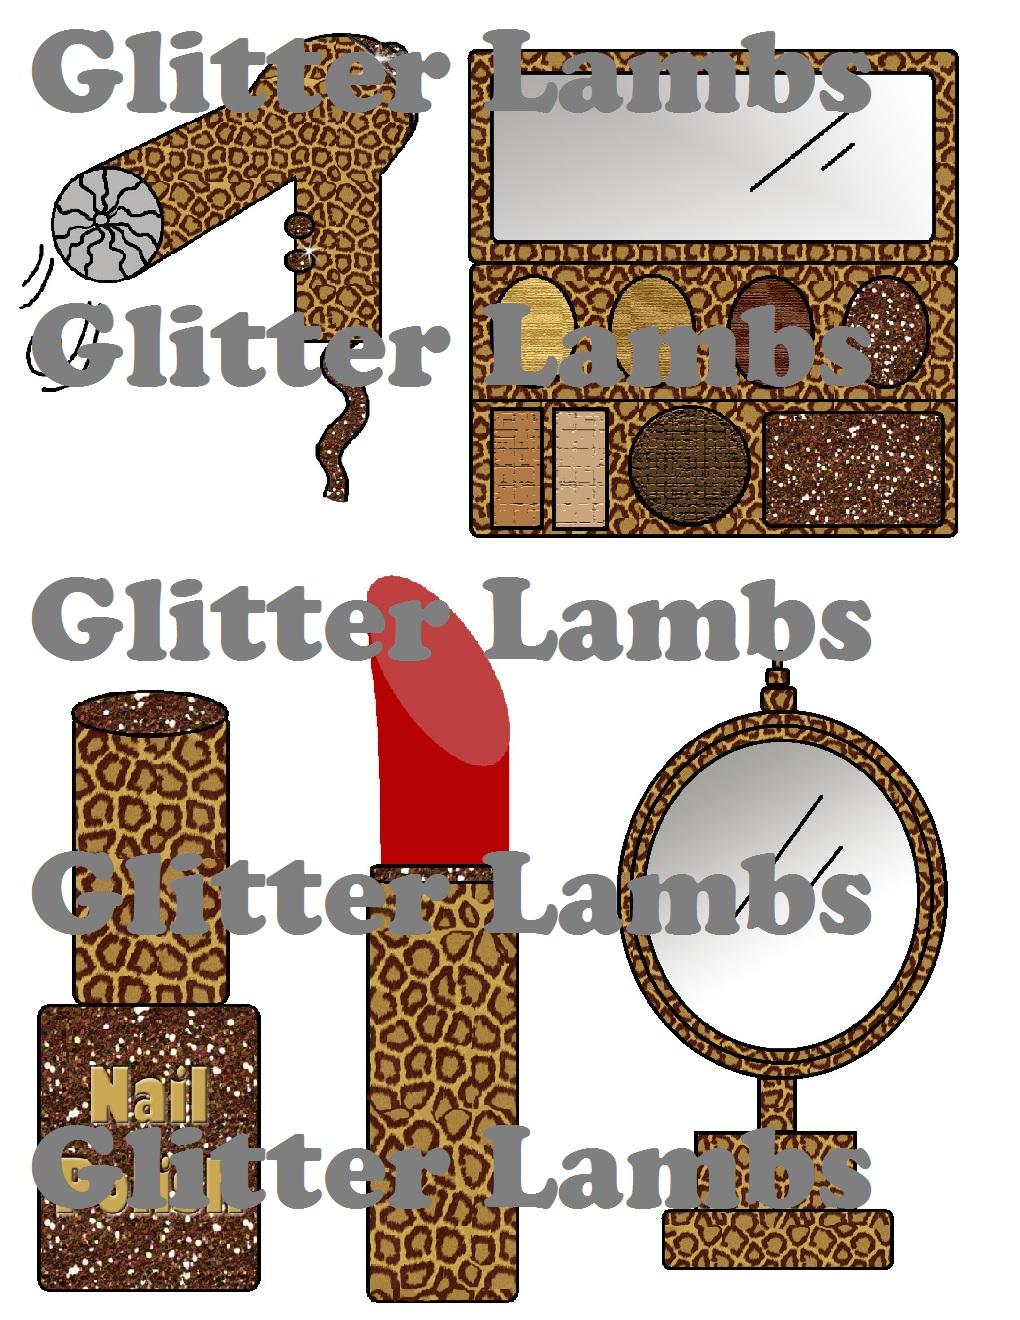 Glitter Lambs: Leopard Makeup Clipart.